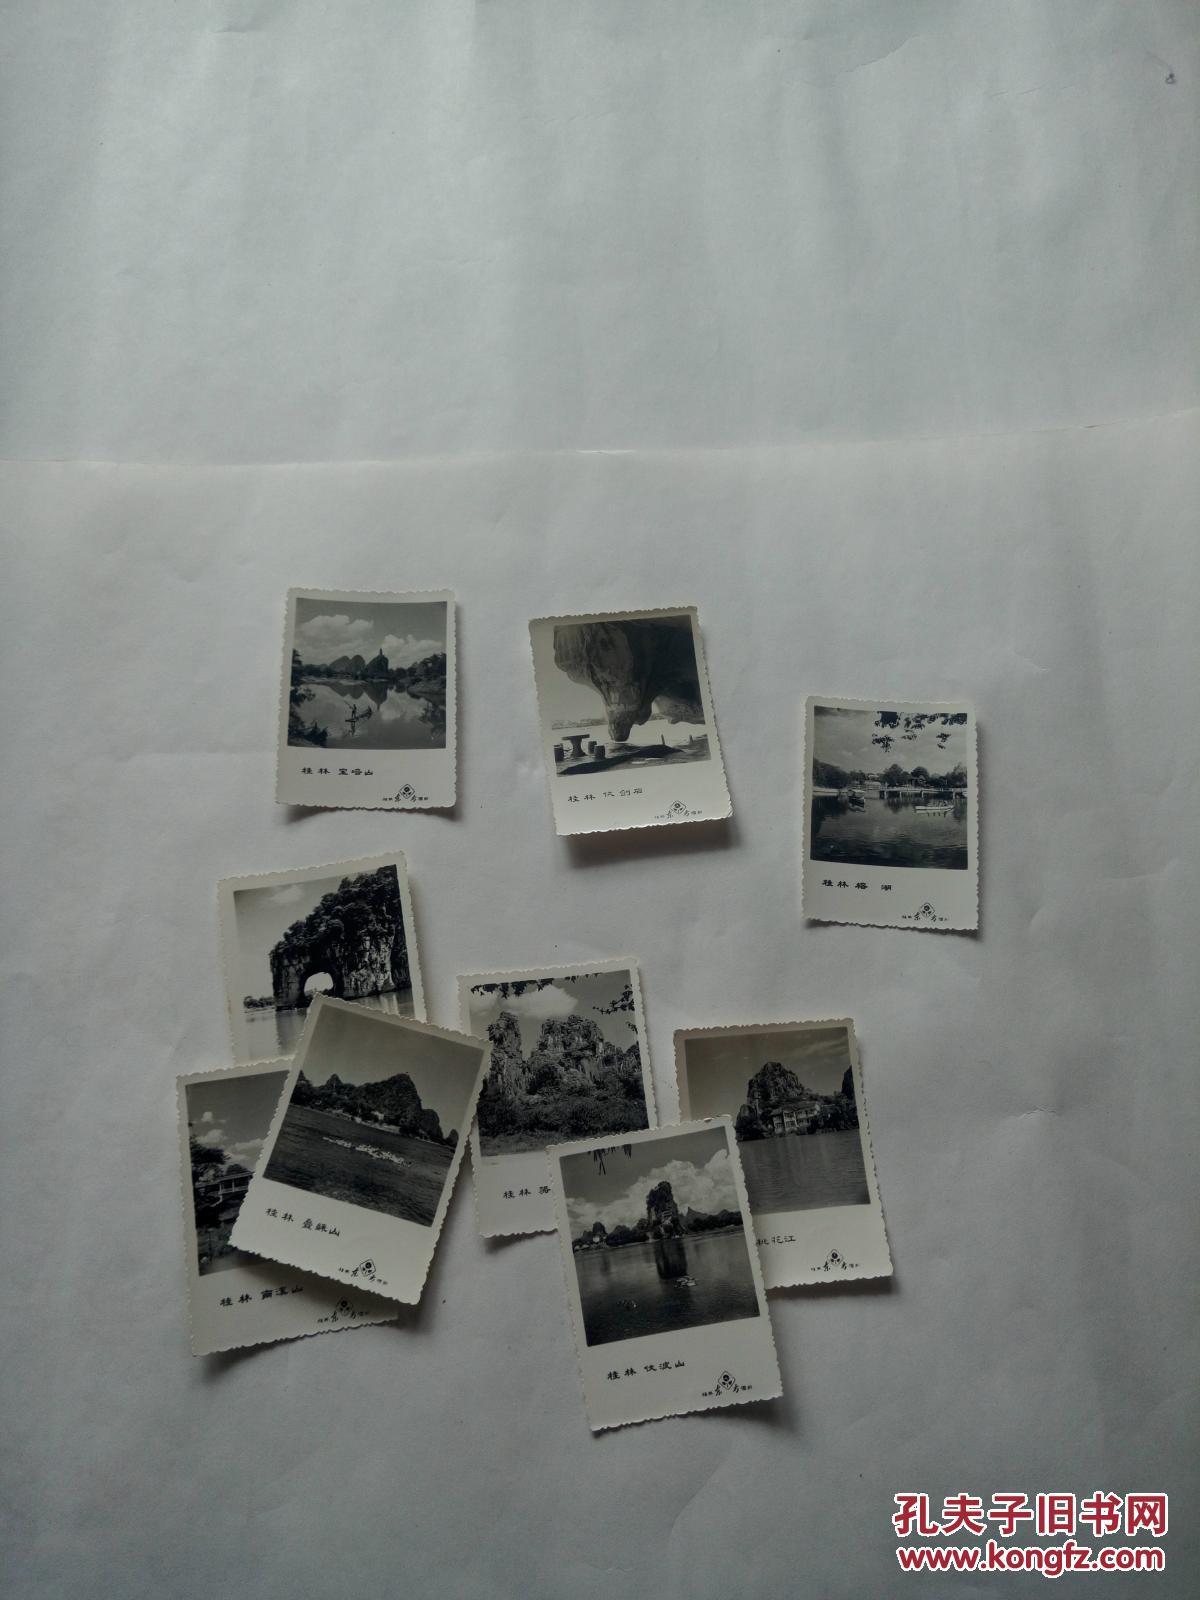 1971年桂林风景,老照片9张(合售):桂林伏波山,桂林桃花江,桂林叠彩山好发育粉身体,高中木耳刚刚的图片